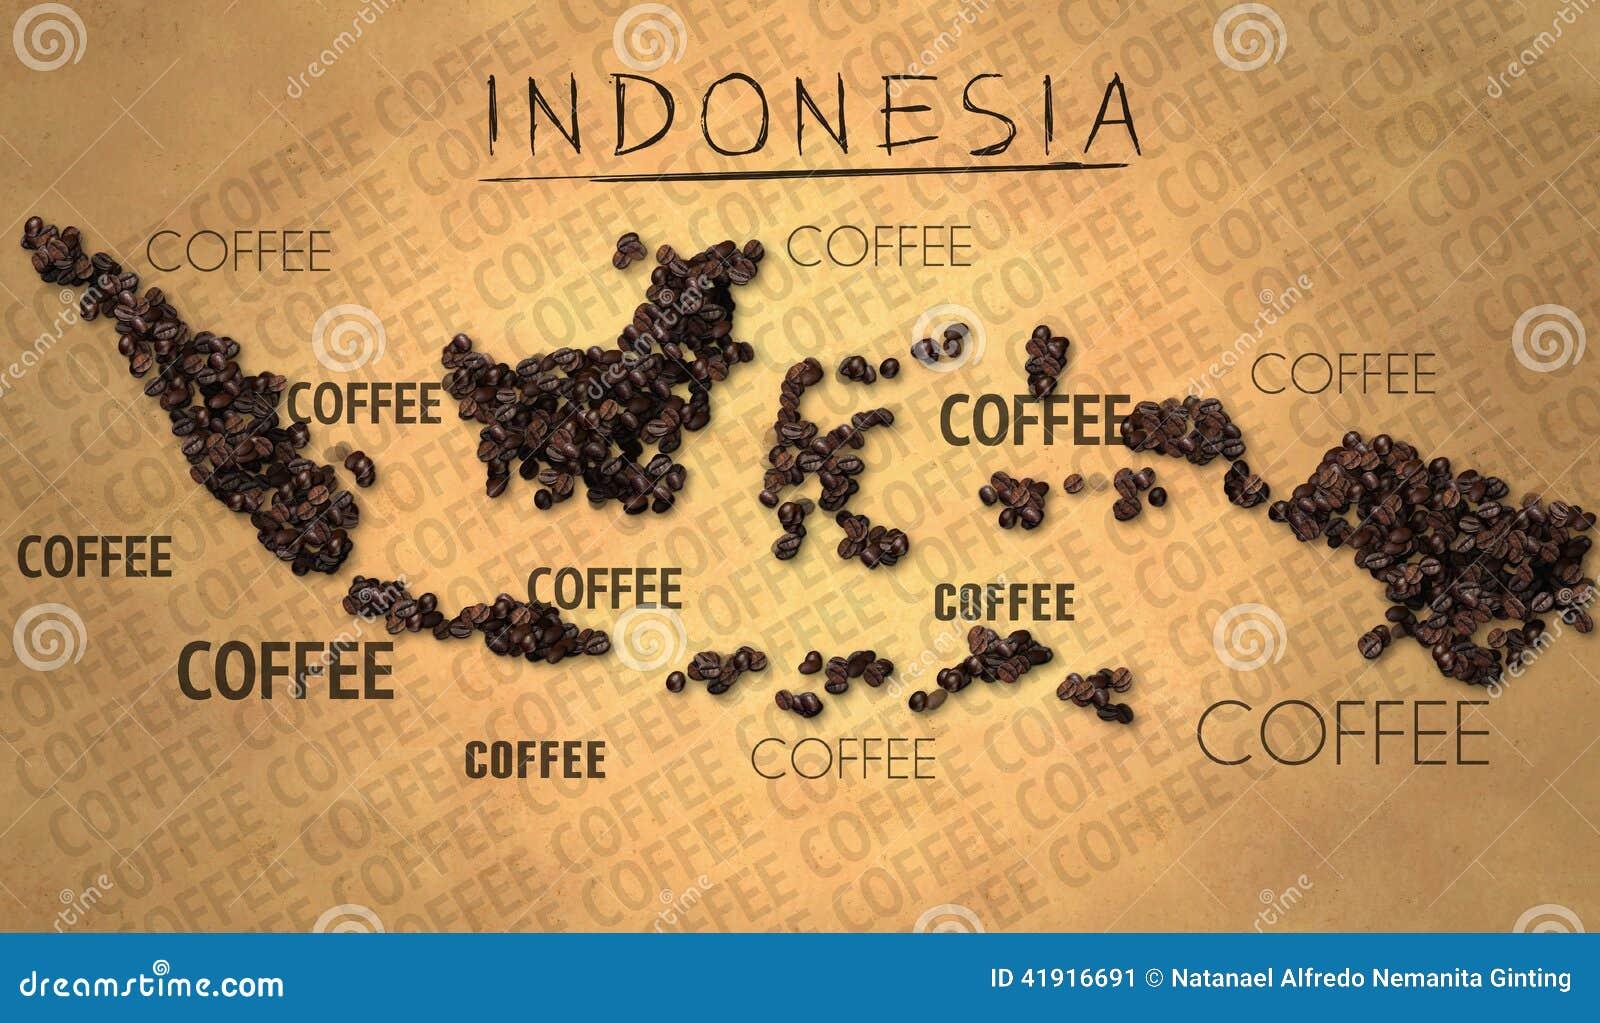 Productor del grano de café del mapa de Indonesia en el papel viejo